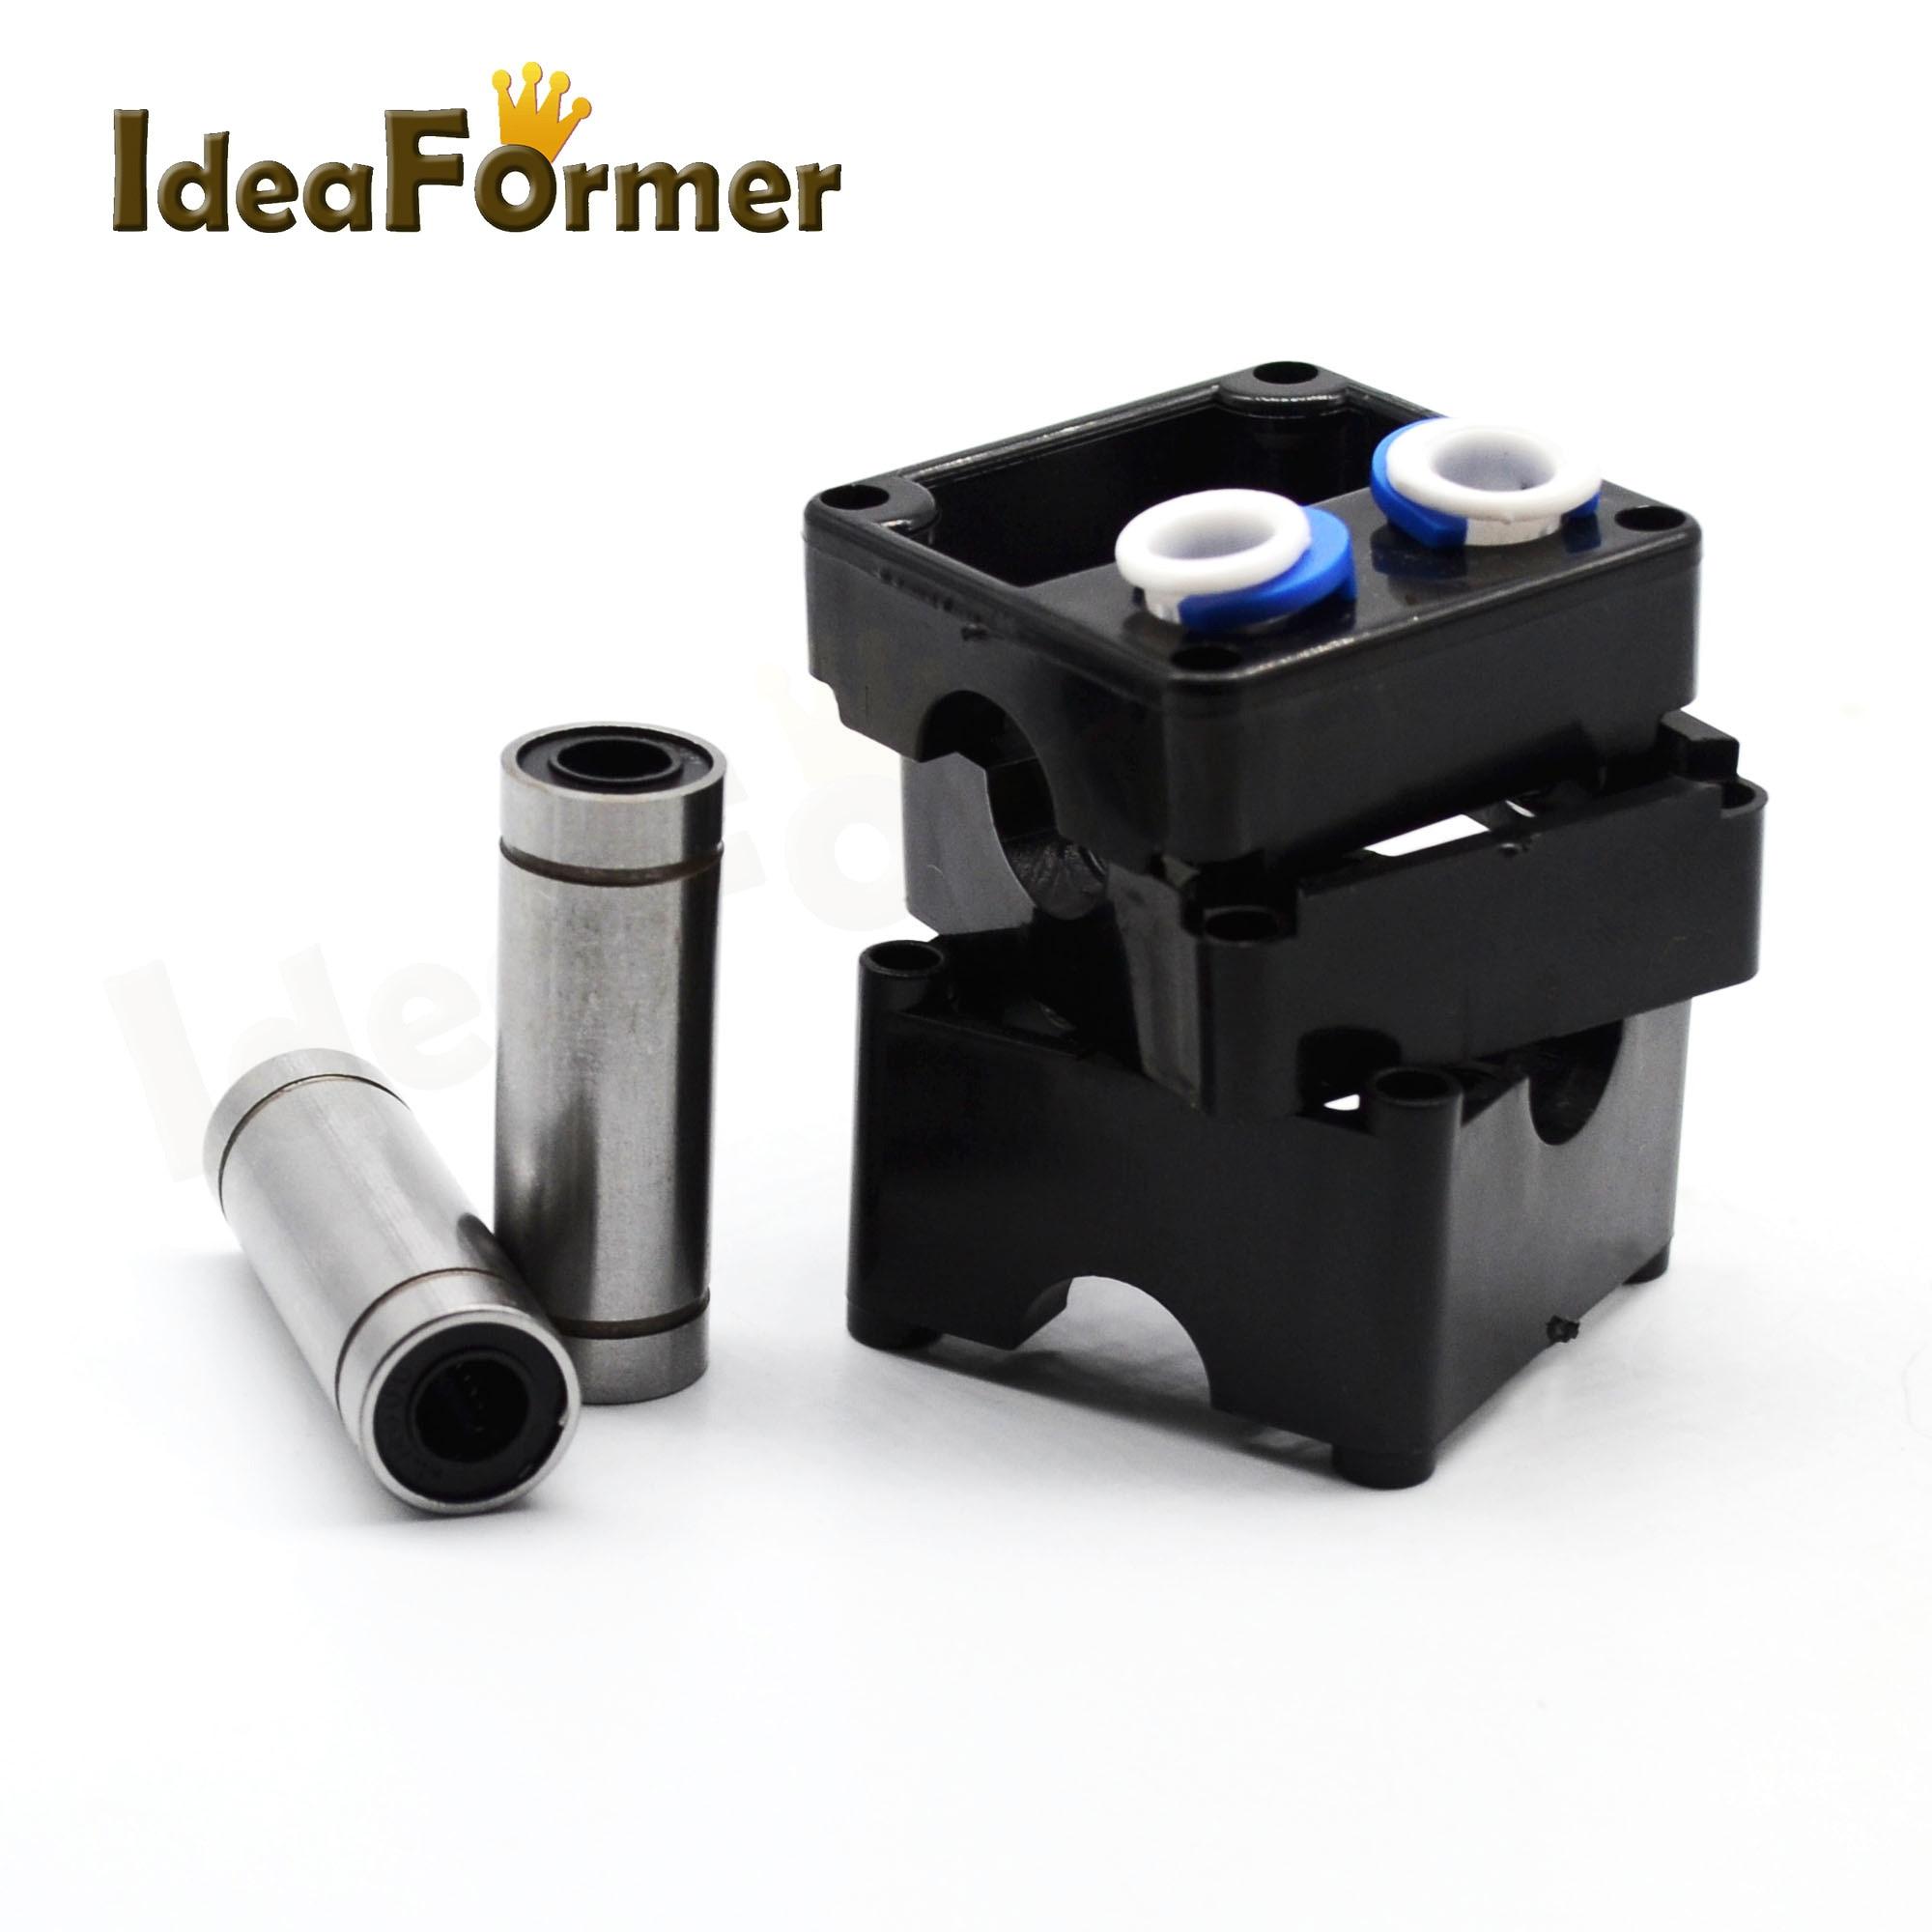 Extrusora UM2, Kit de marco de plástico de extremo caliente, cabezales dobles con cojinete de revestimiento para filamento Olsson de 1,75/3,0mm, kit de piezas de impresora 3D